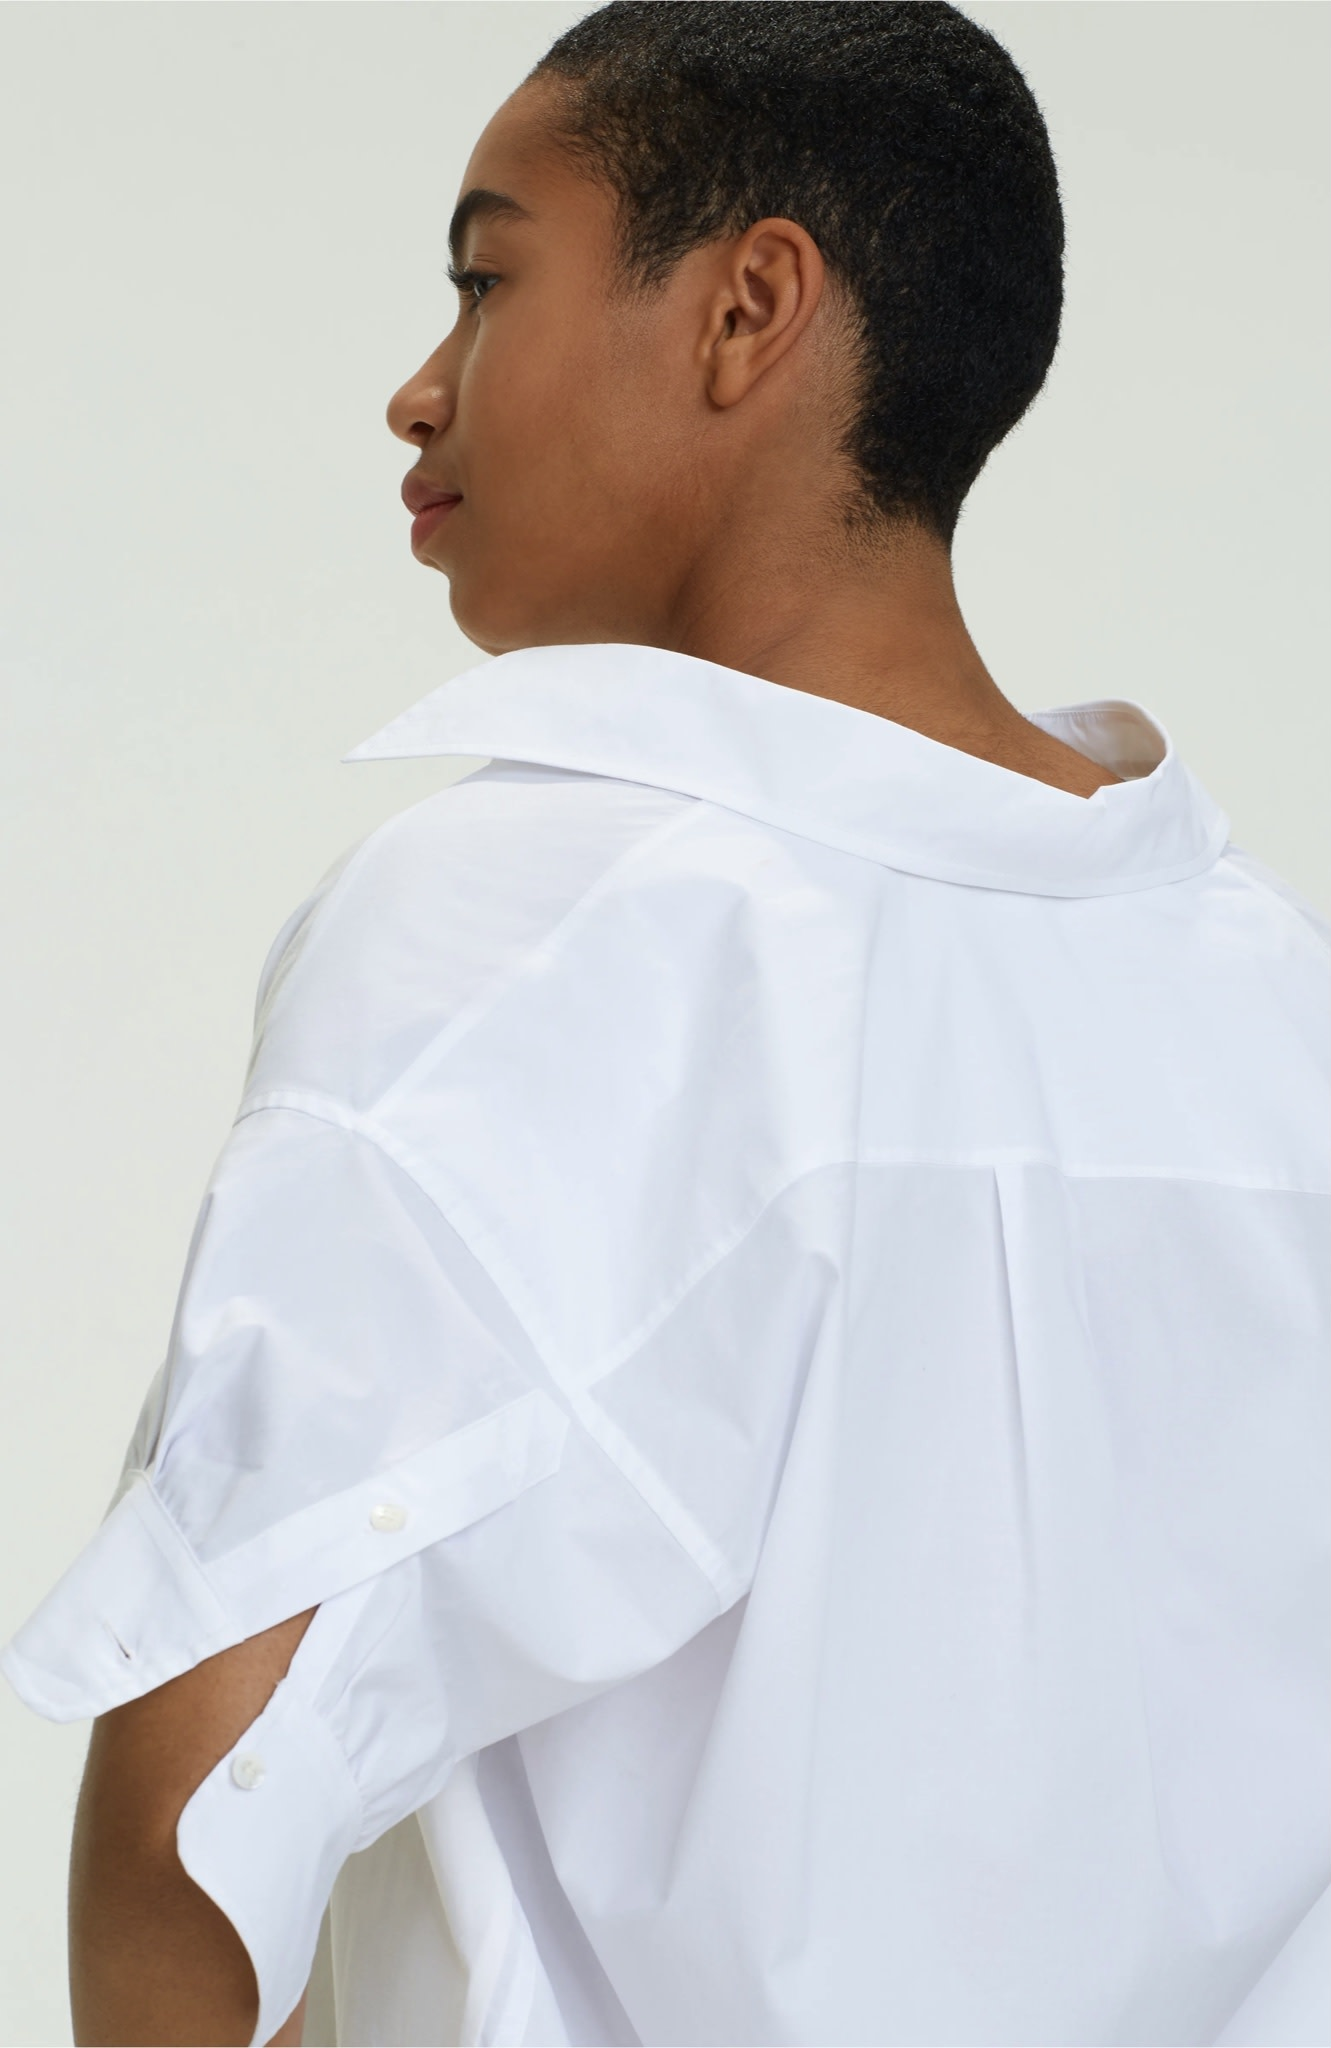 Cool contrast shirt blouse SS dorothee schumacher-4